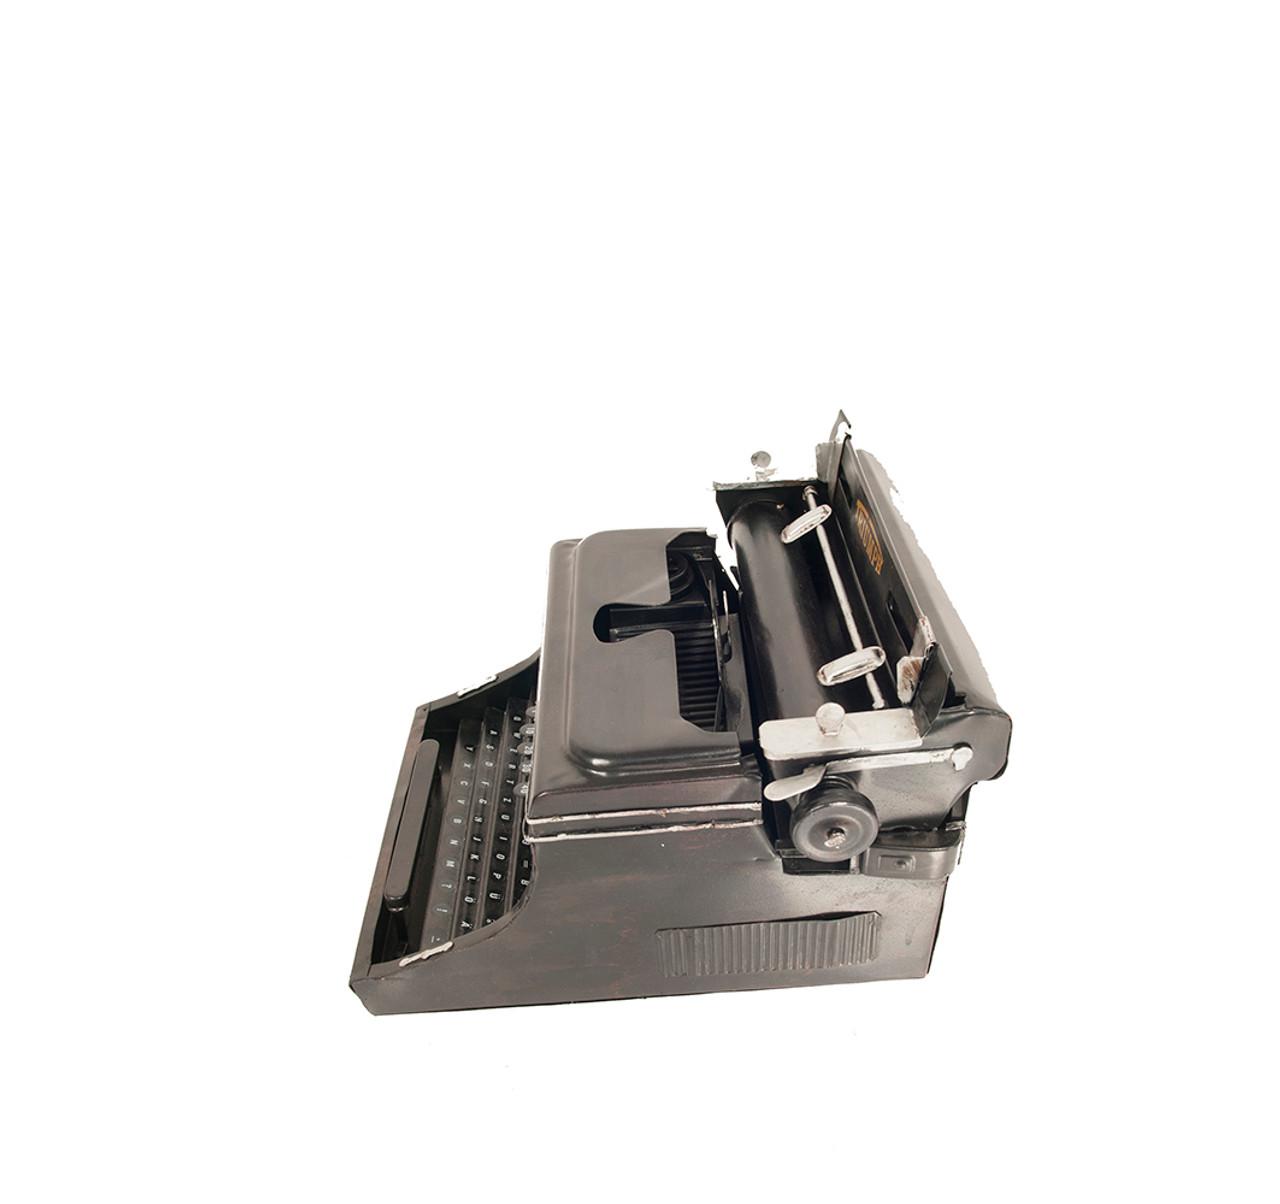 Triumph German Typewriter 1945 Machine Model Office Decor